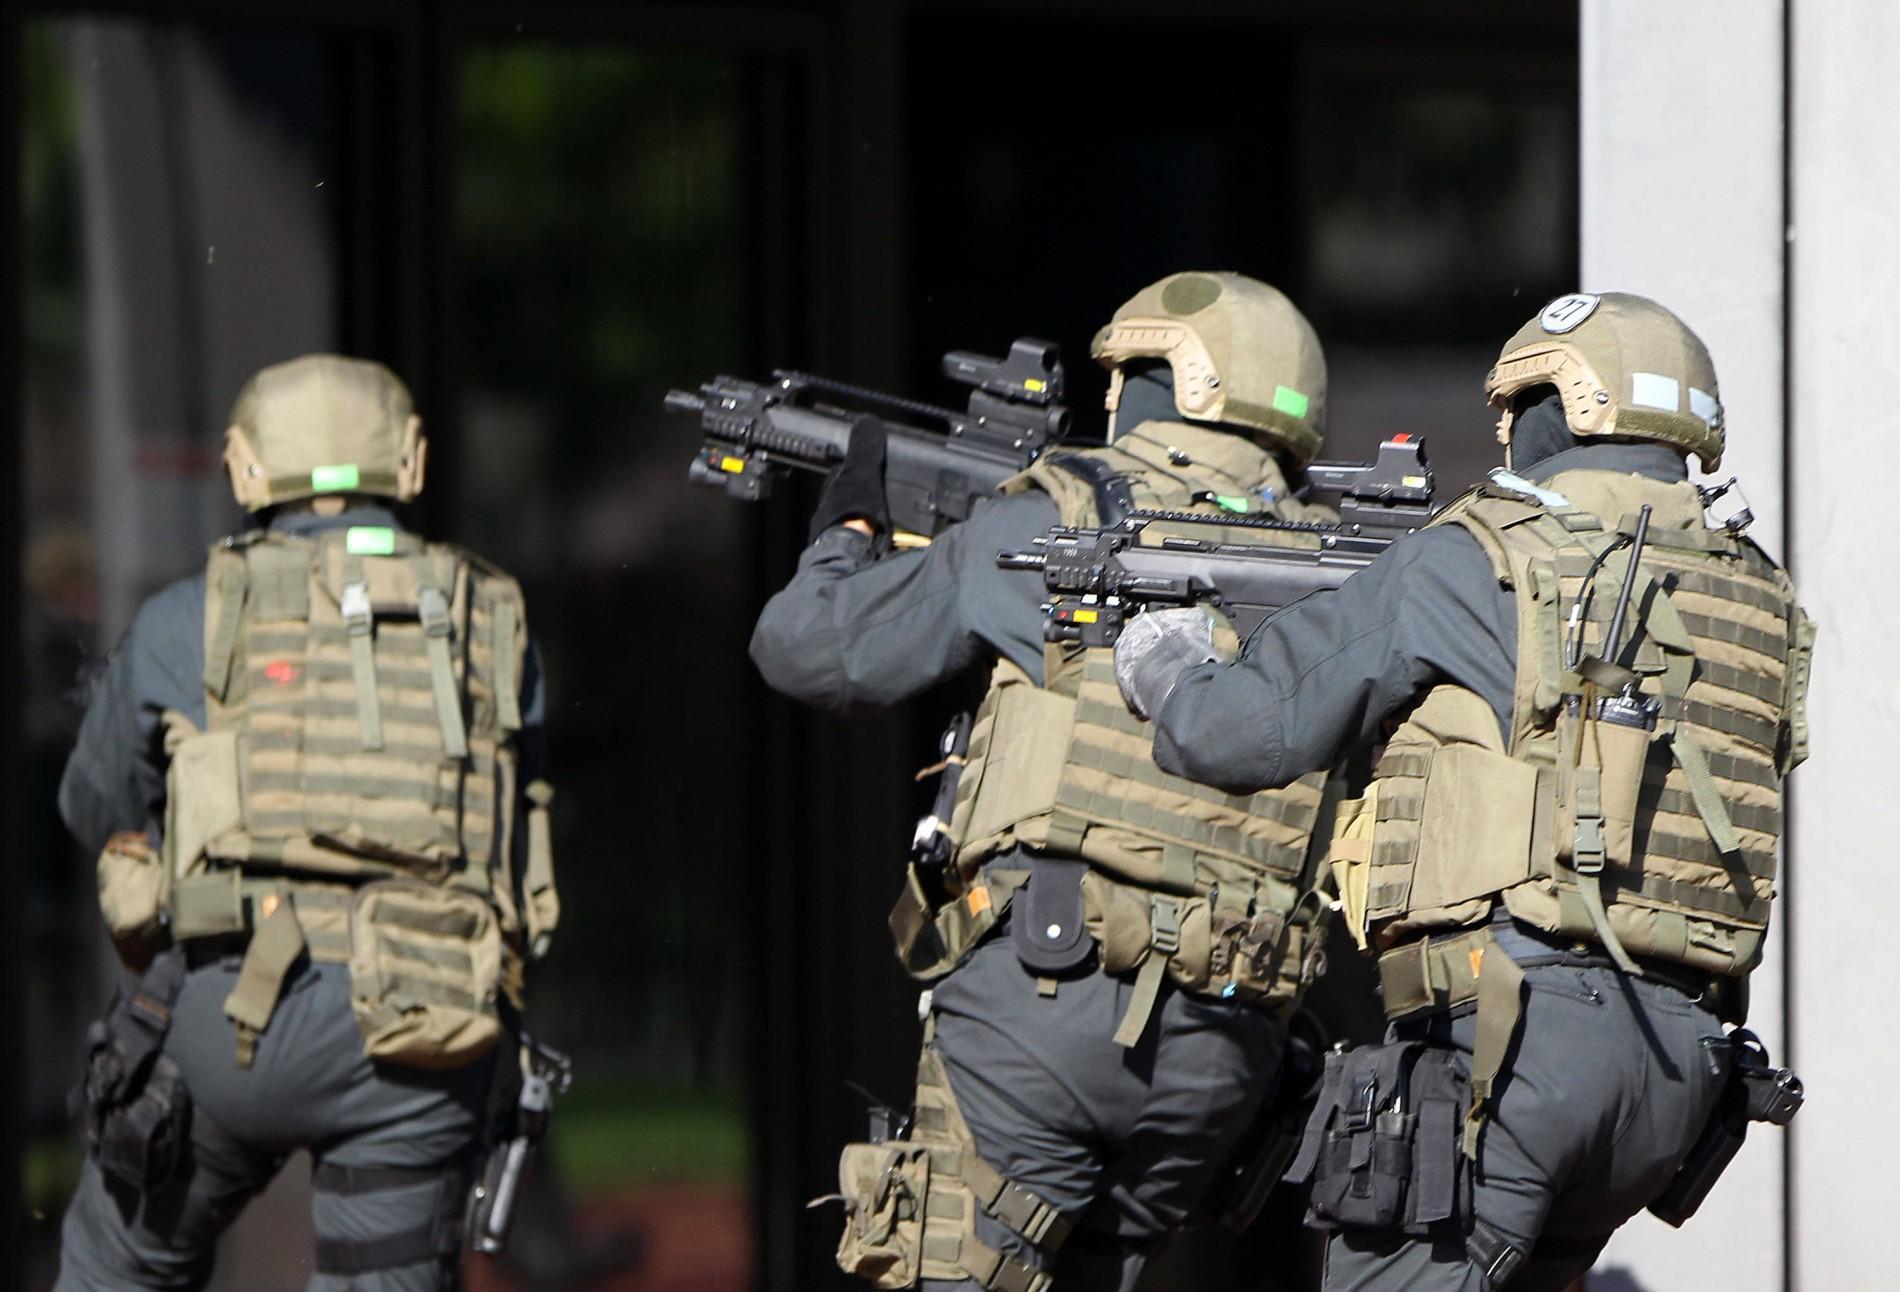 Gsg 9 Einsatz In Freital Bei Dresden Gegen Neonazi Gruppe